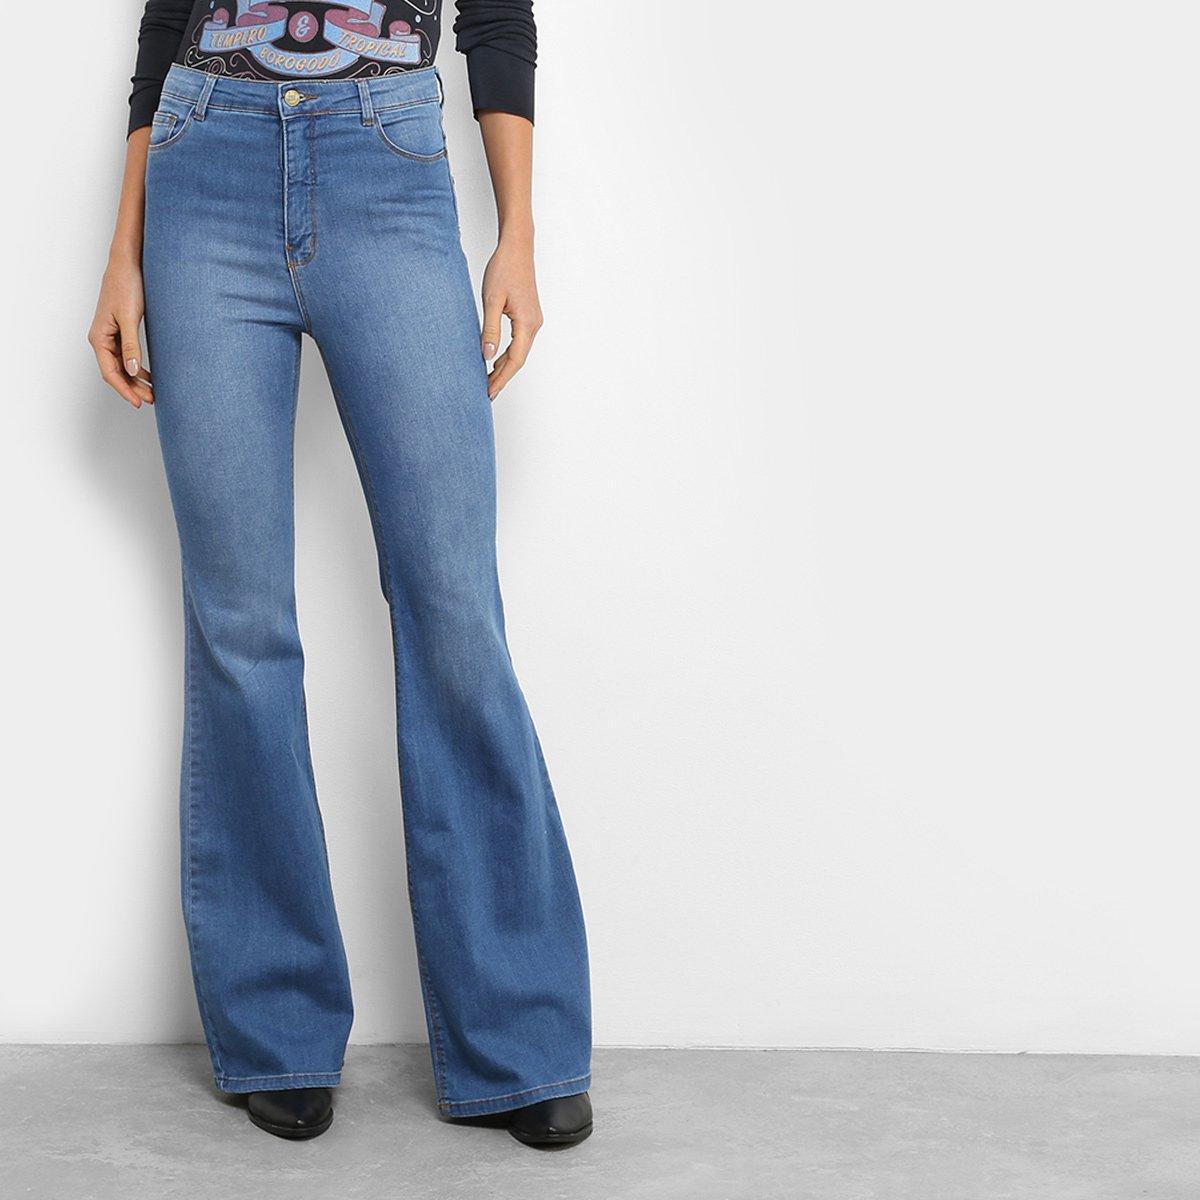 506aac073 Calça Jeans Flare Farm Cintura Alta Feminina | Livelo -Sua Vida com ...